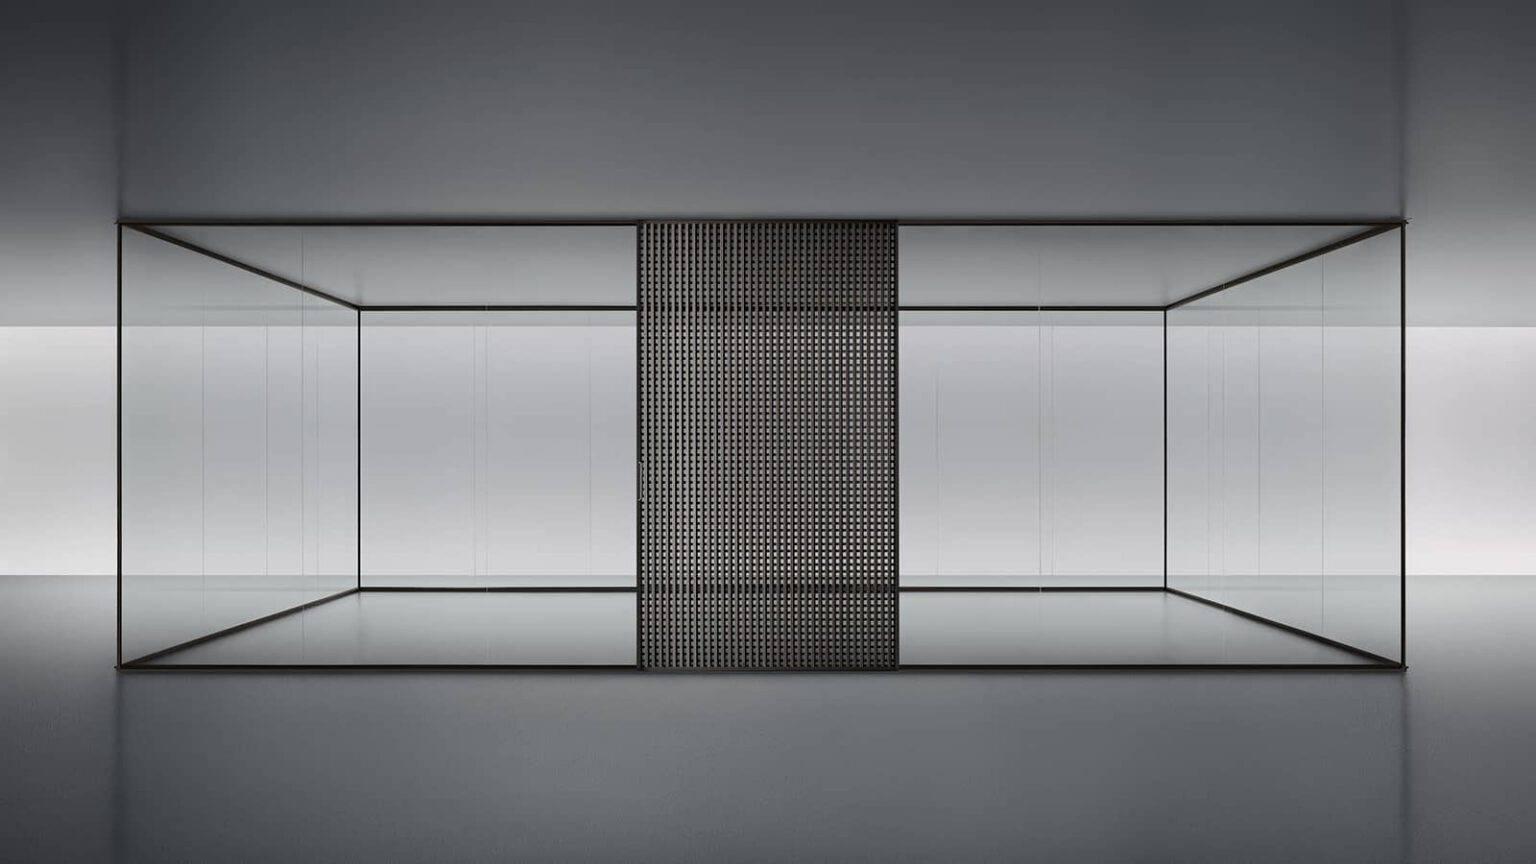 design glazen akoestische wandsystemen of scheidingswanden voor kantoren, badkamer in glas met een schuifdeur daimon van Rimadesio. Italiaans design